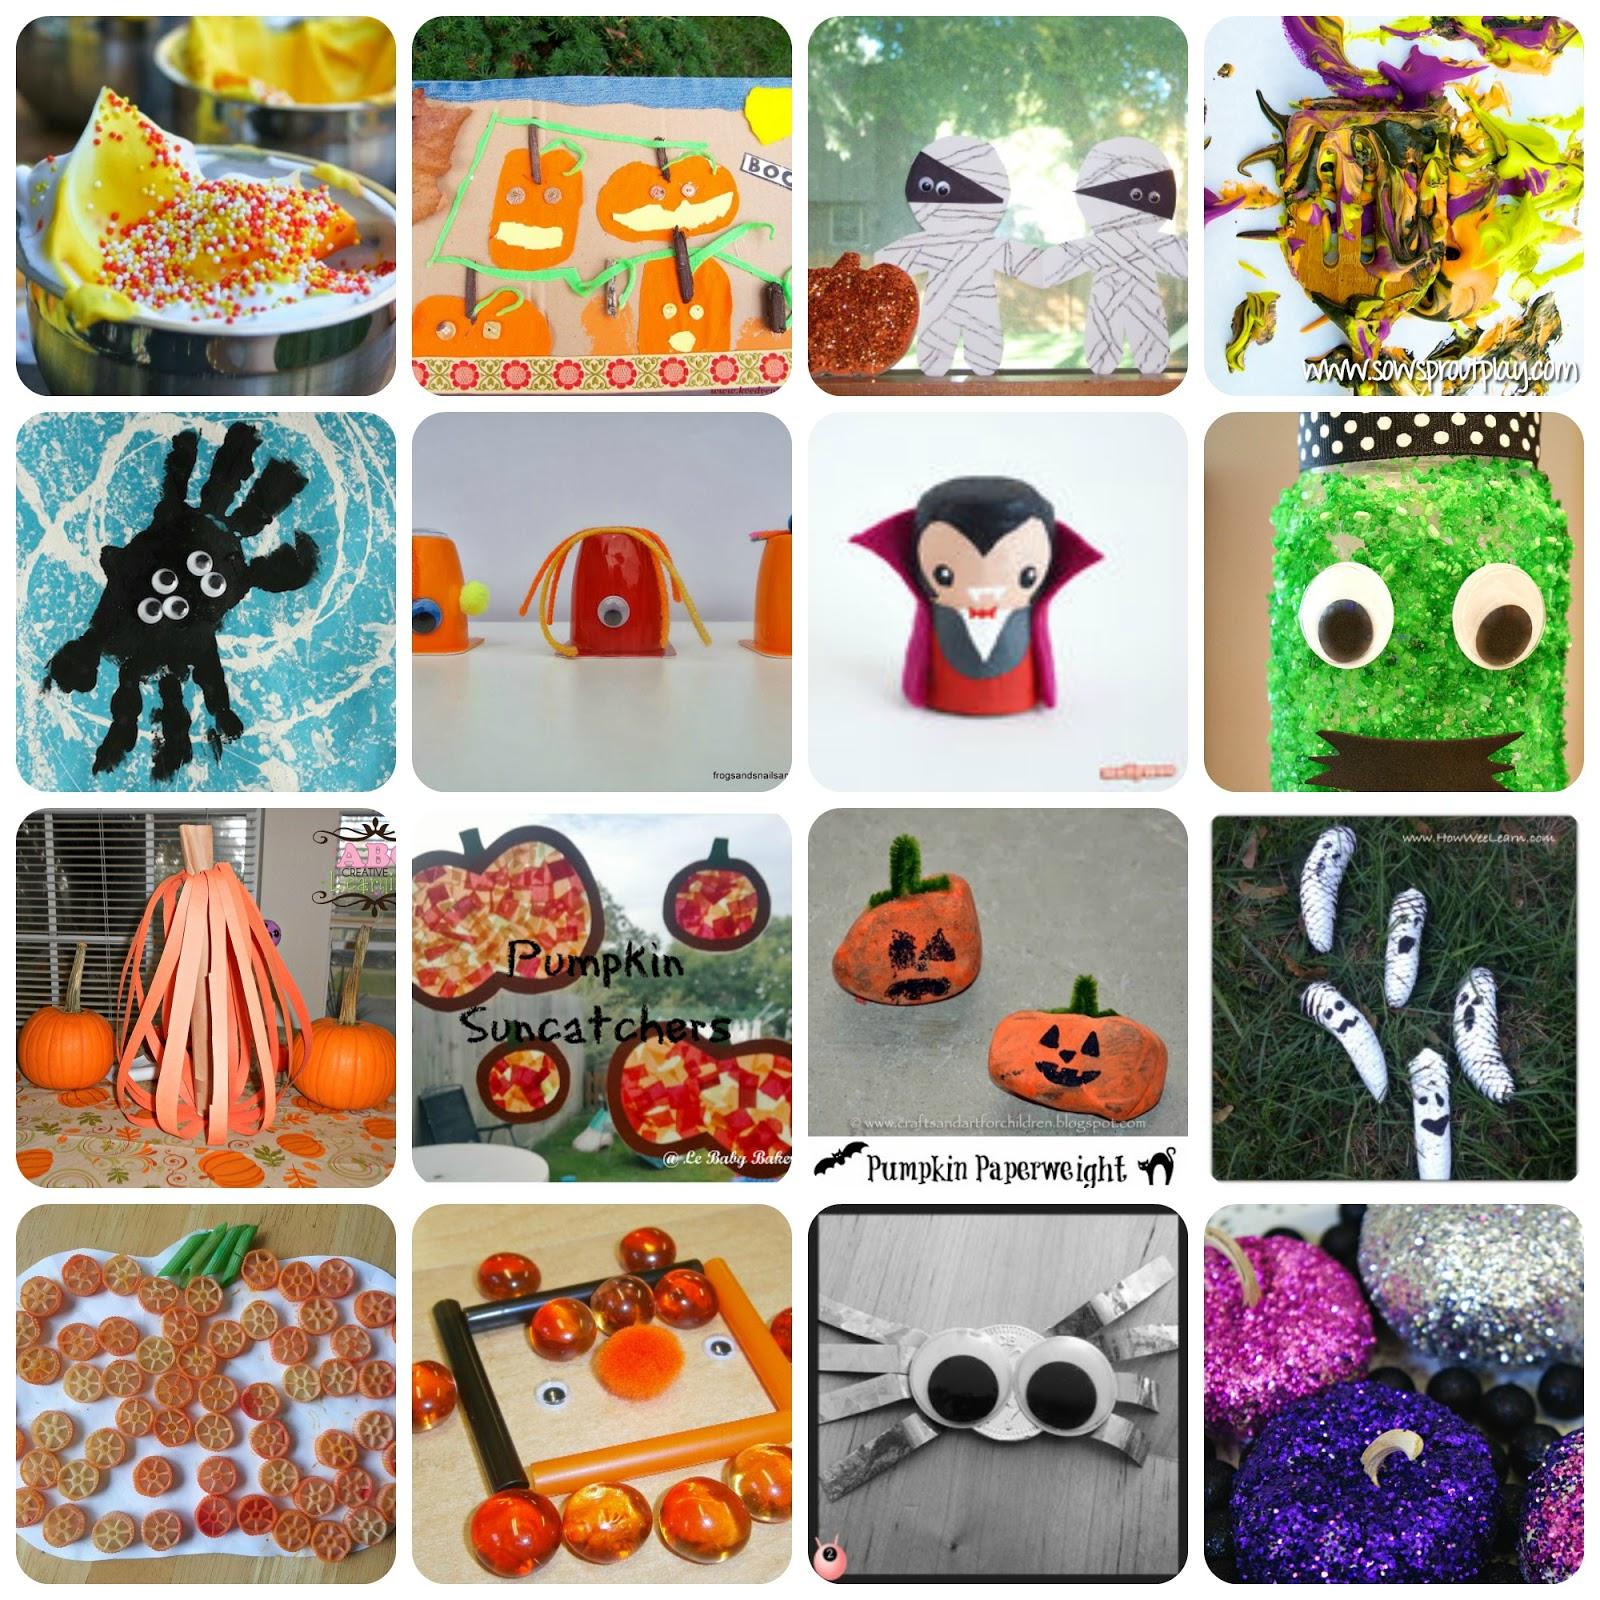 Halloween Ideas Arts And Crafts: 100+ Halloween Activities For Kids: Kid's Co-op